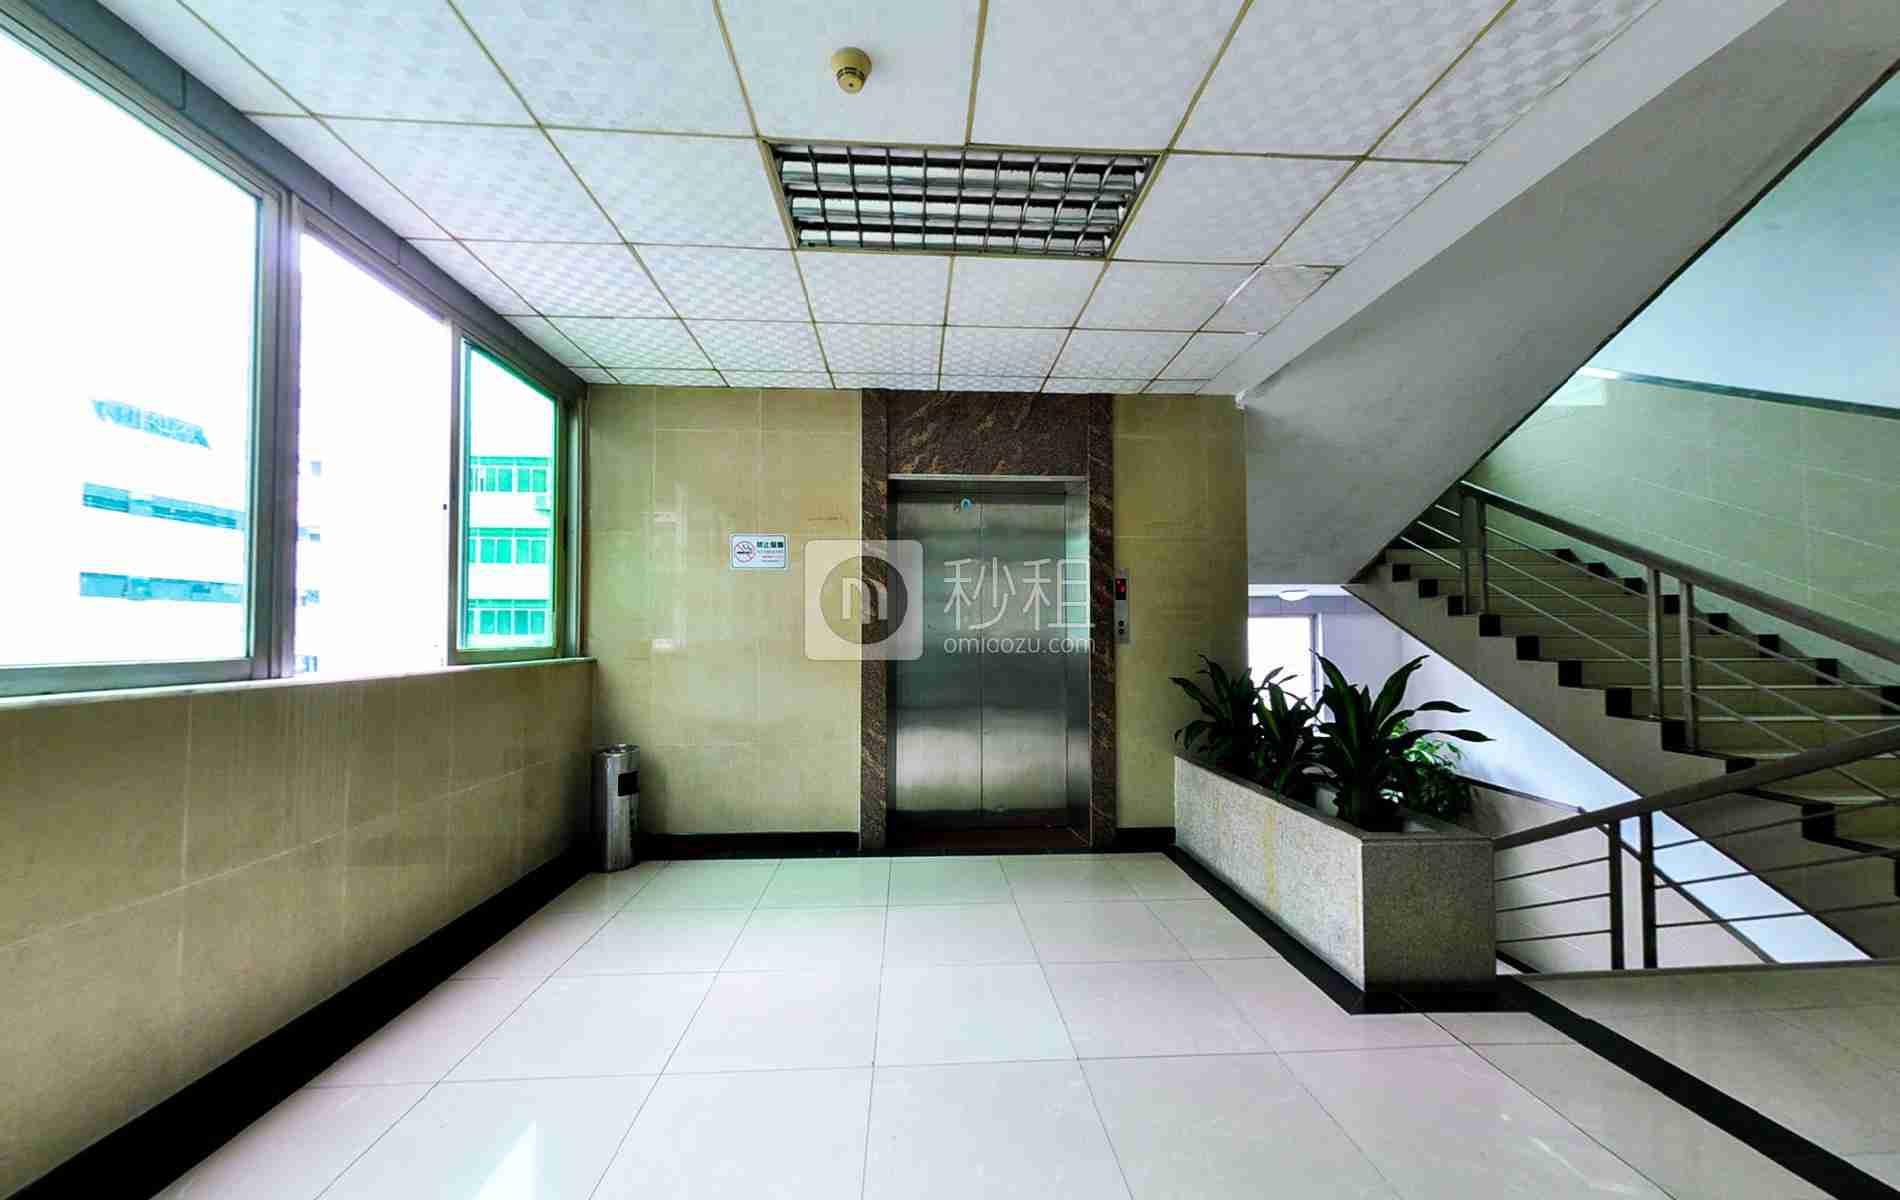 万德莱大厦写字楼出租/招租/租赁,万德莱大厦办公室出租/招租/租赁